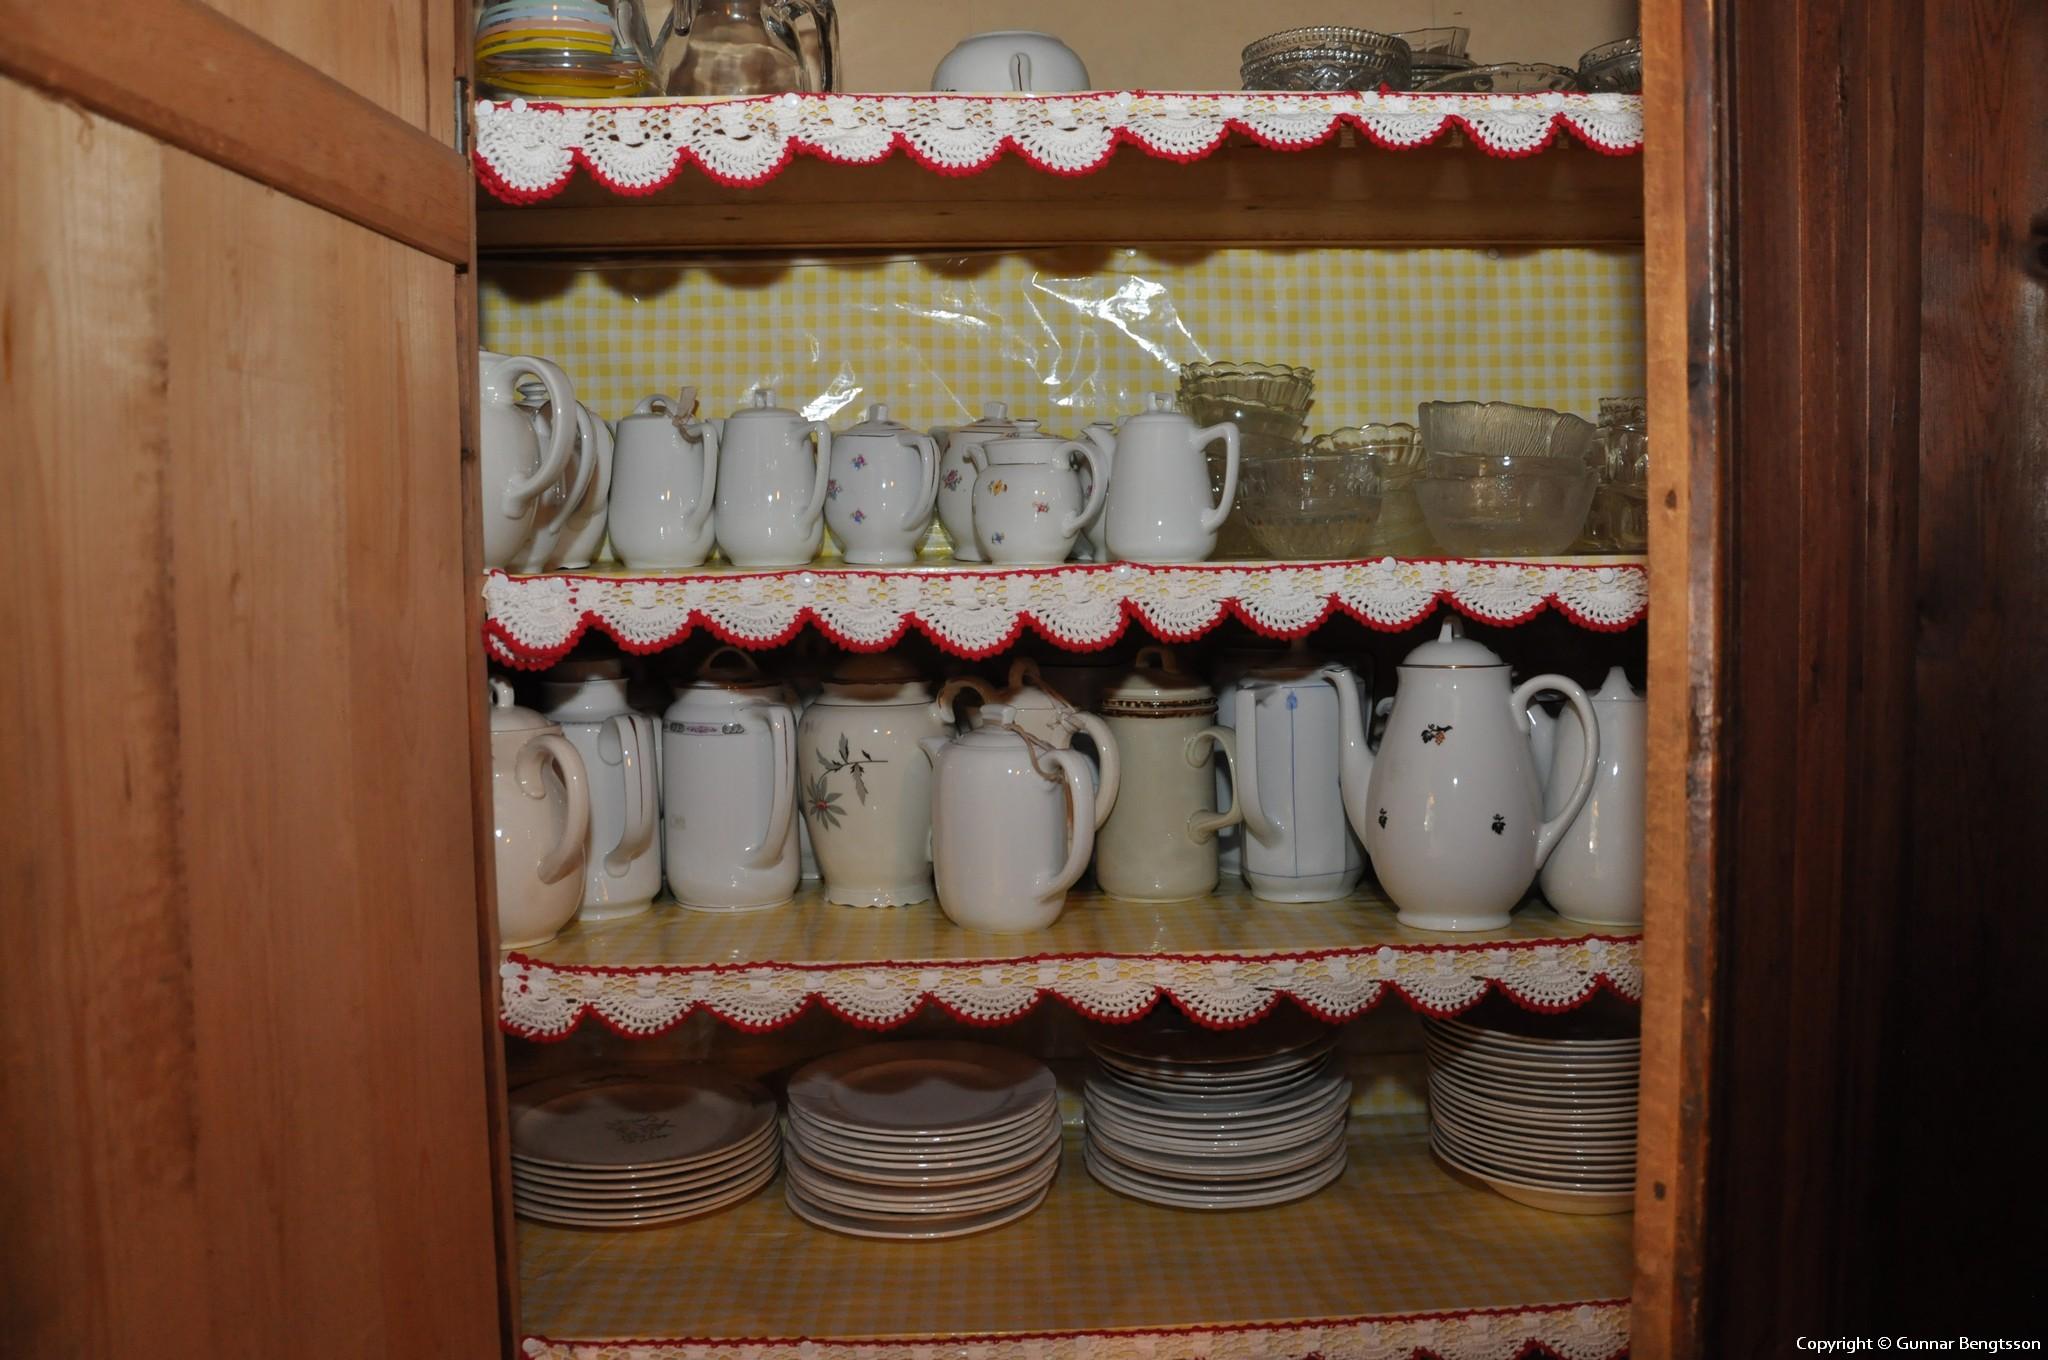 Skåpet med kaffekannor